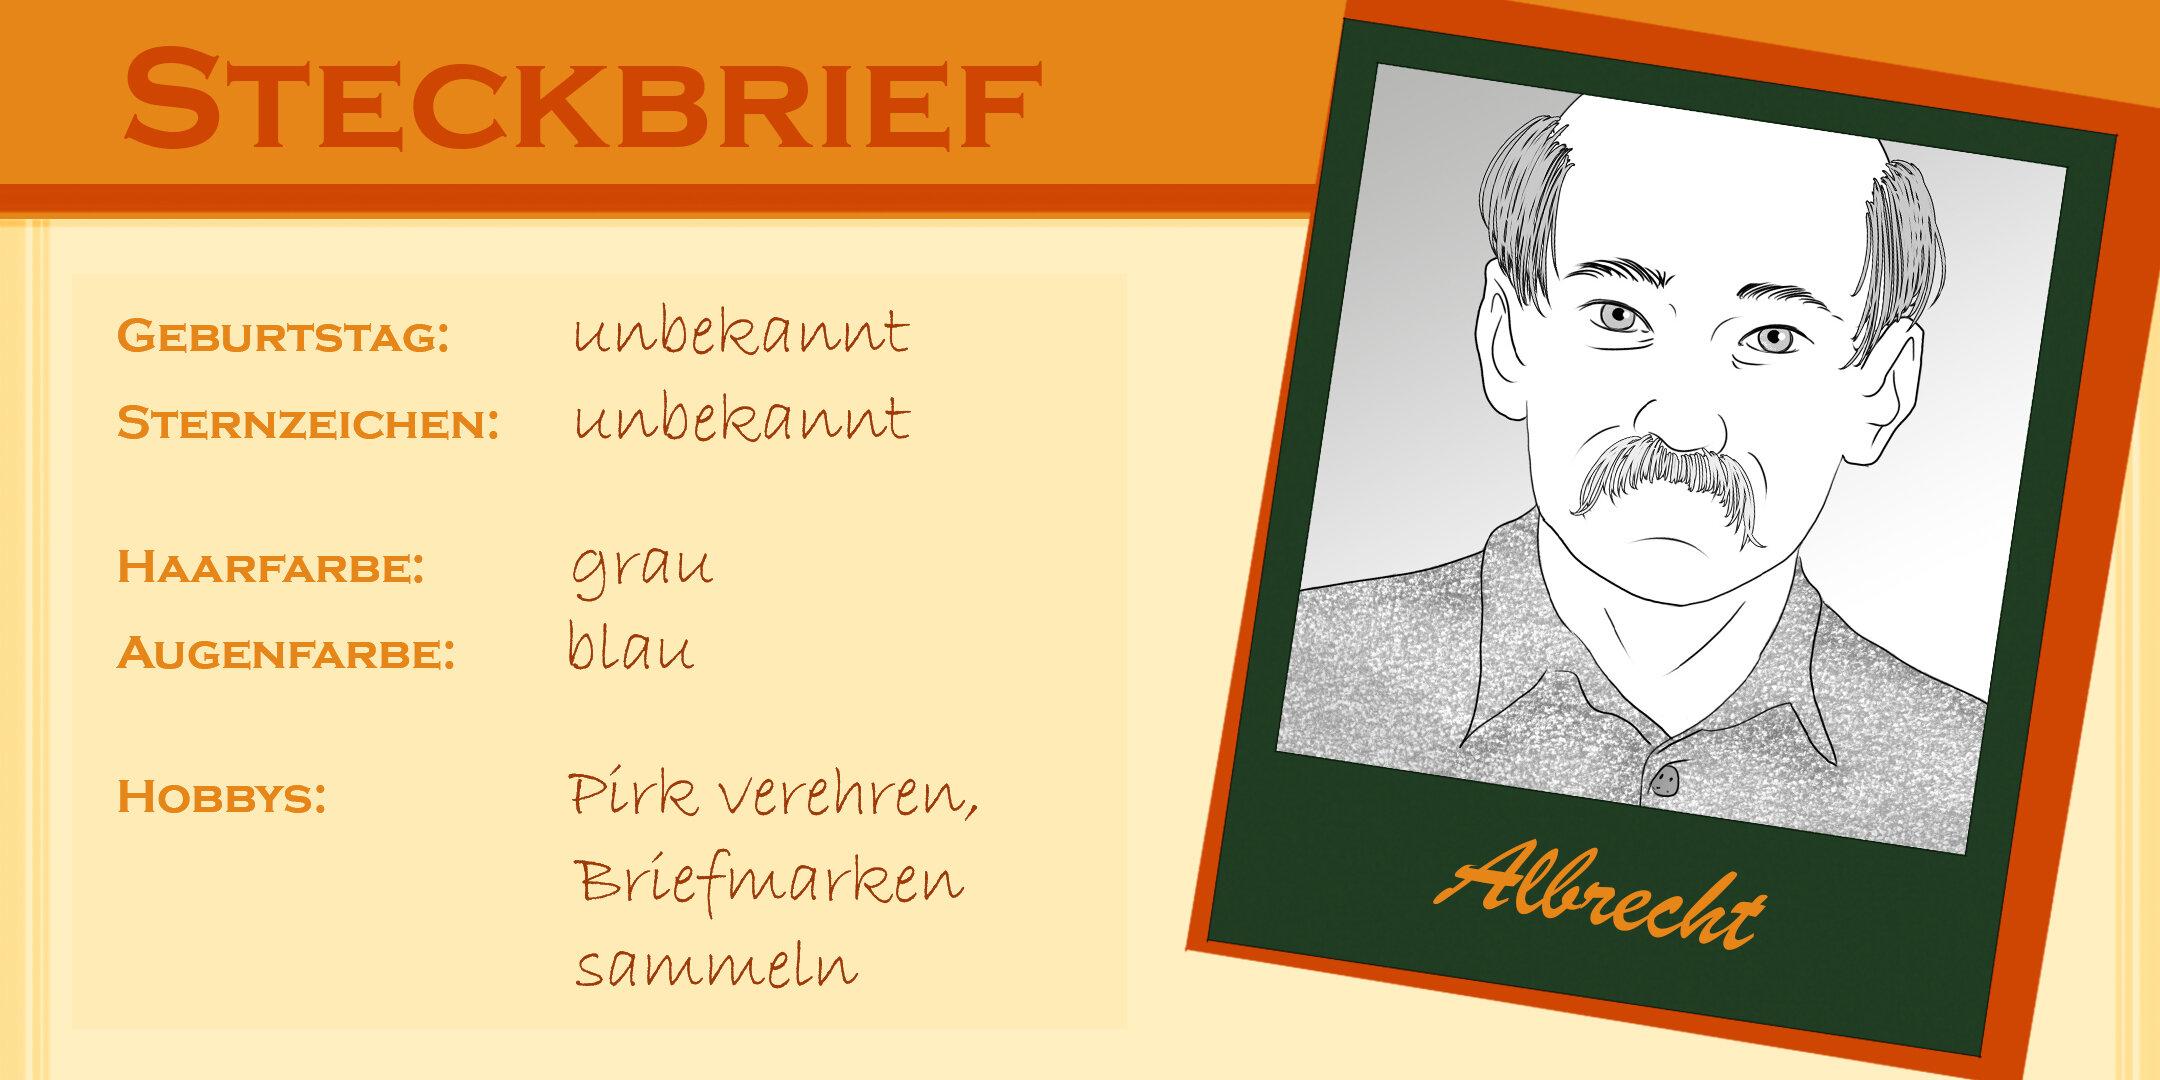 Steckbrief Albrecht